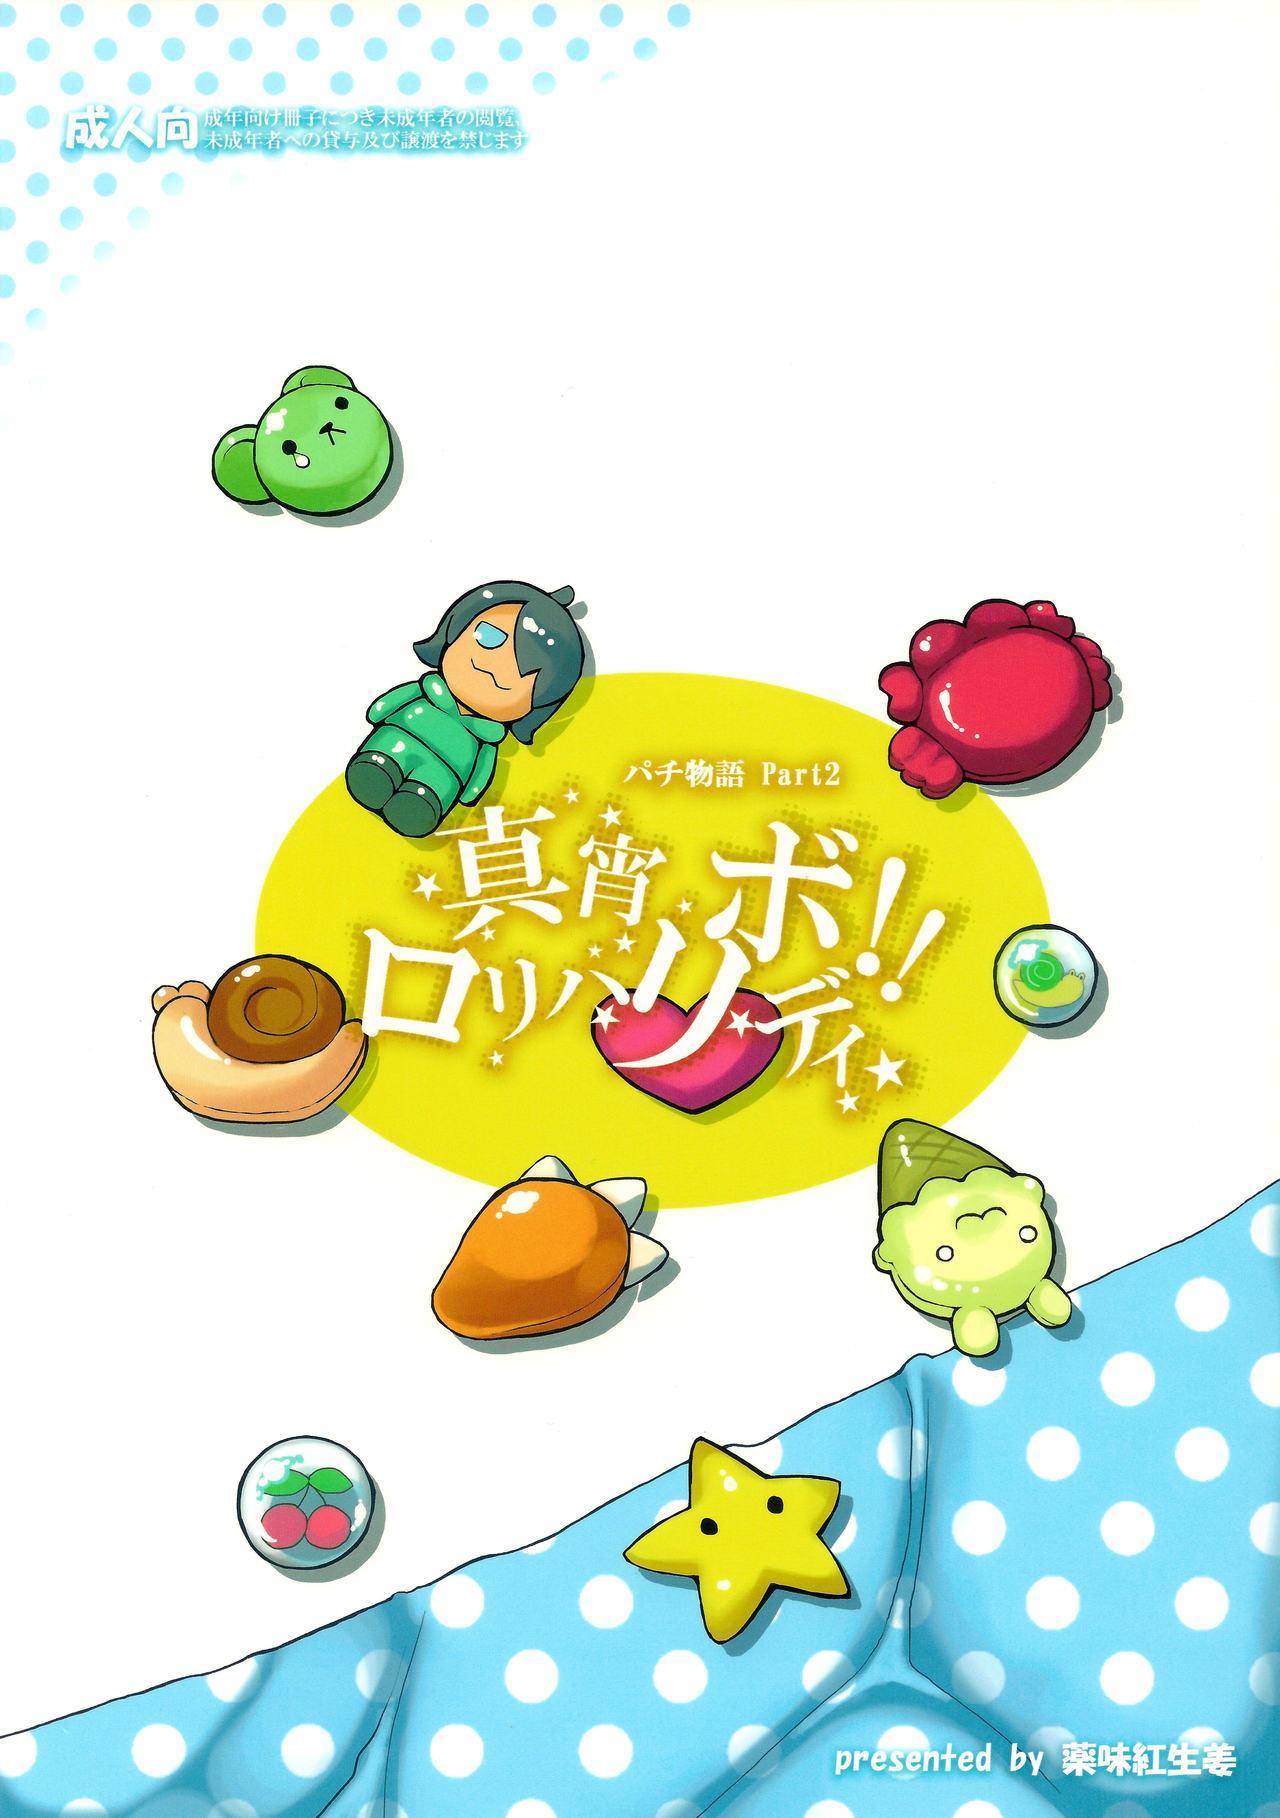 Pachimonogatari Part 2: Mayoi Loli Hari Body!! 24